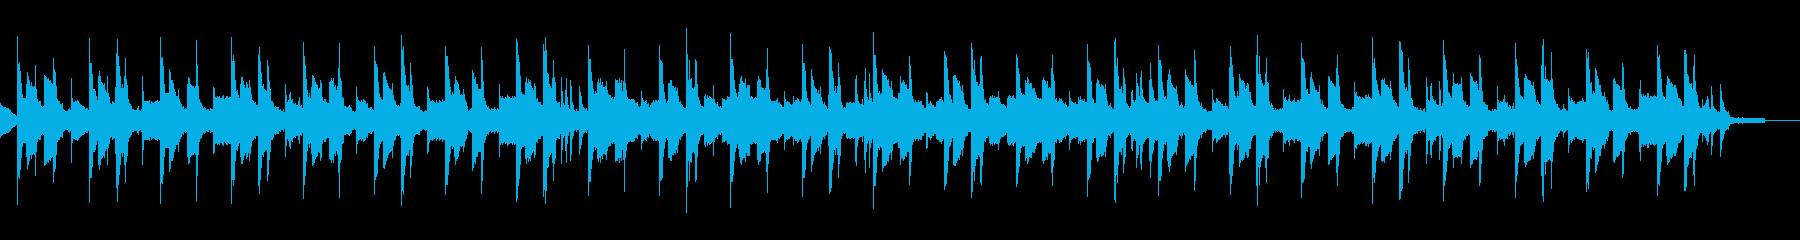 ゆったりとした切なくセンチメンタルな曲の再生済みの波形